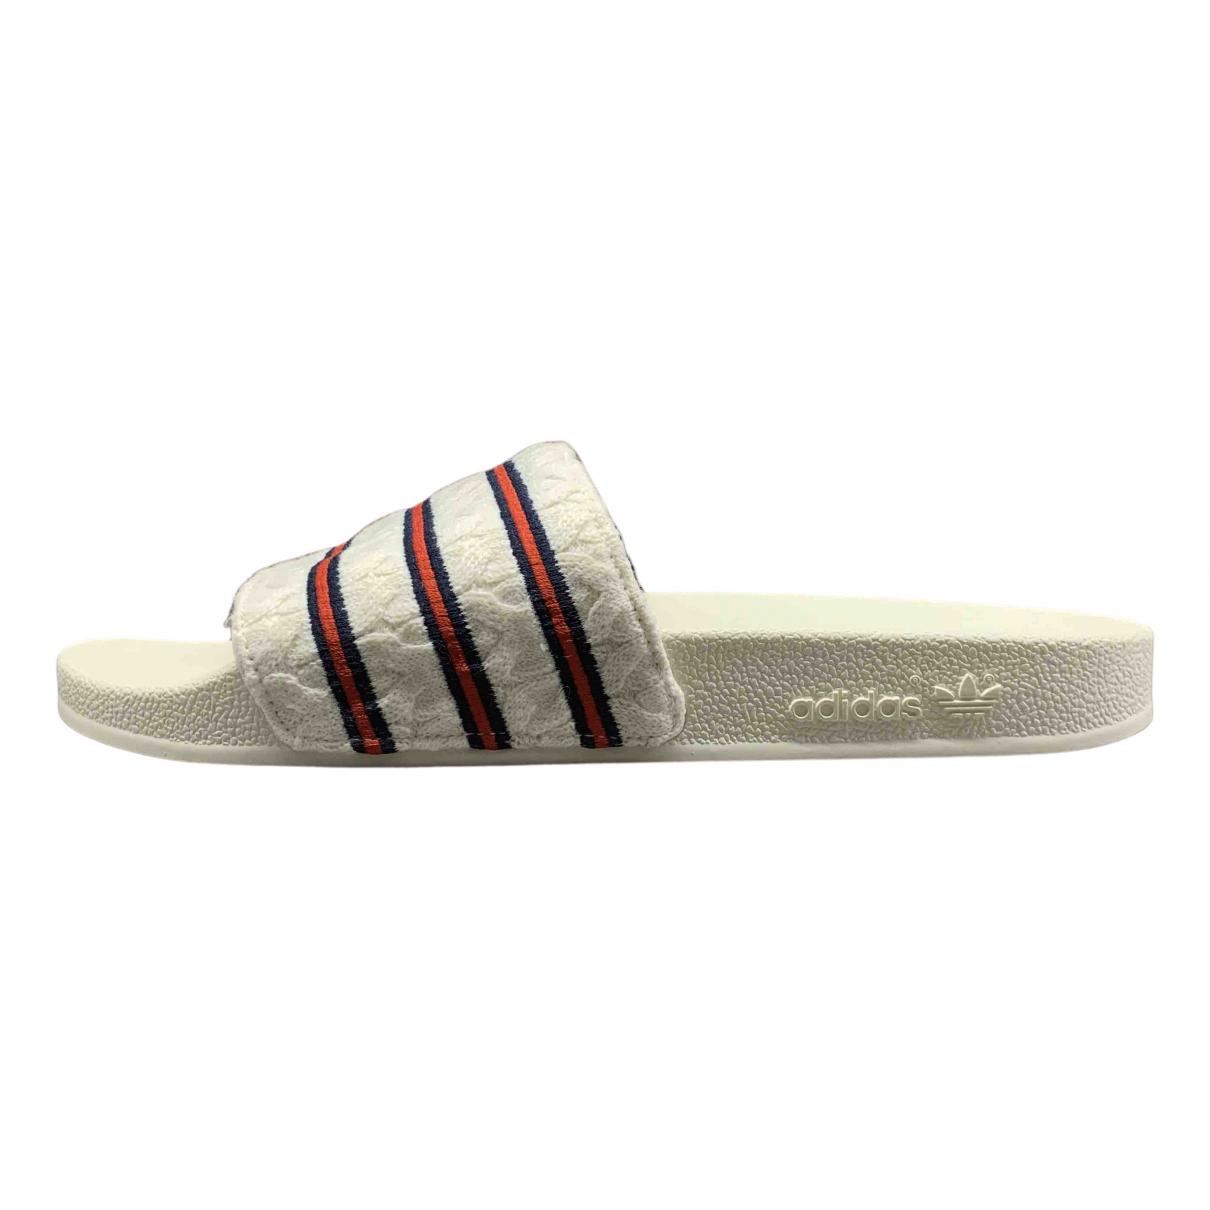 Adidas - Sandales Adilette  pour homme - blanc